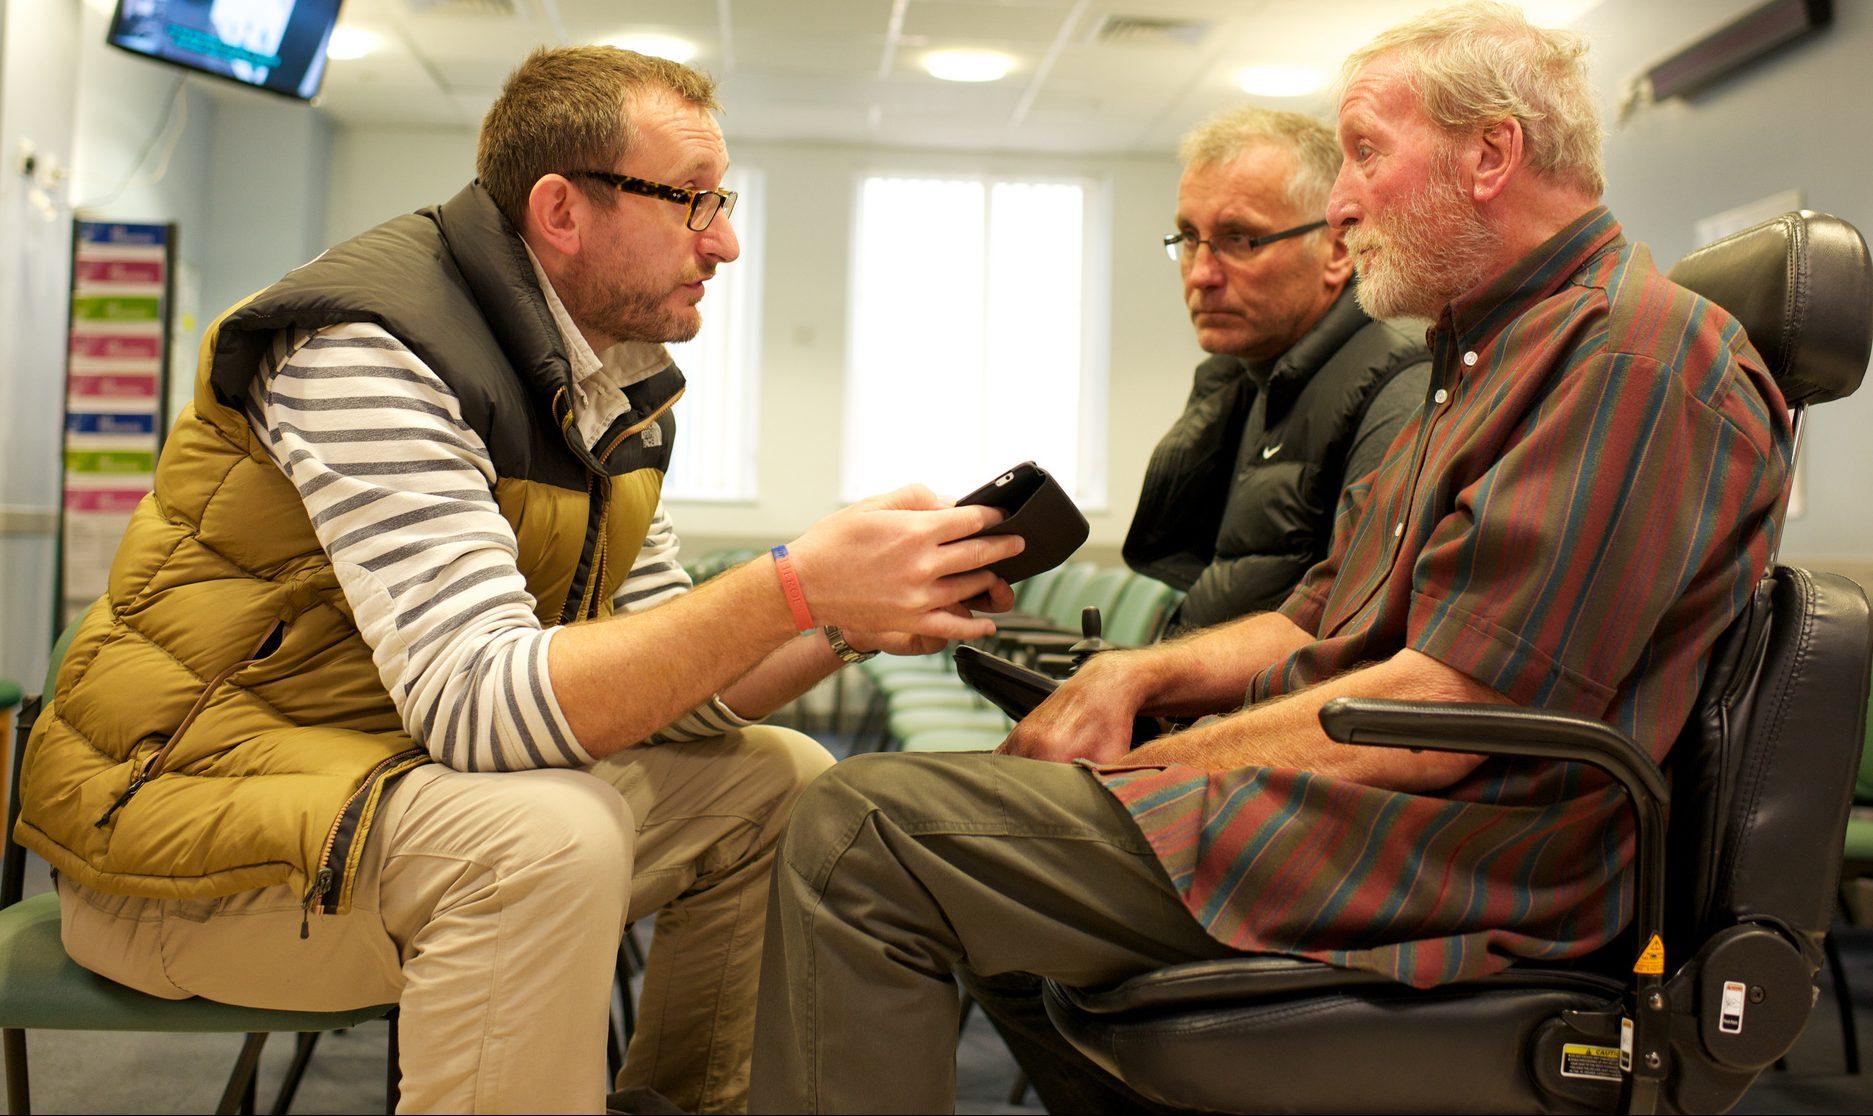 TUDCA-ALS study continues despite COVID-19 outbreak